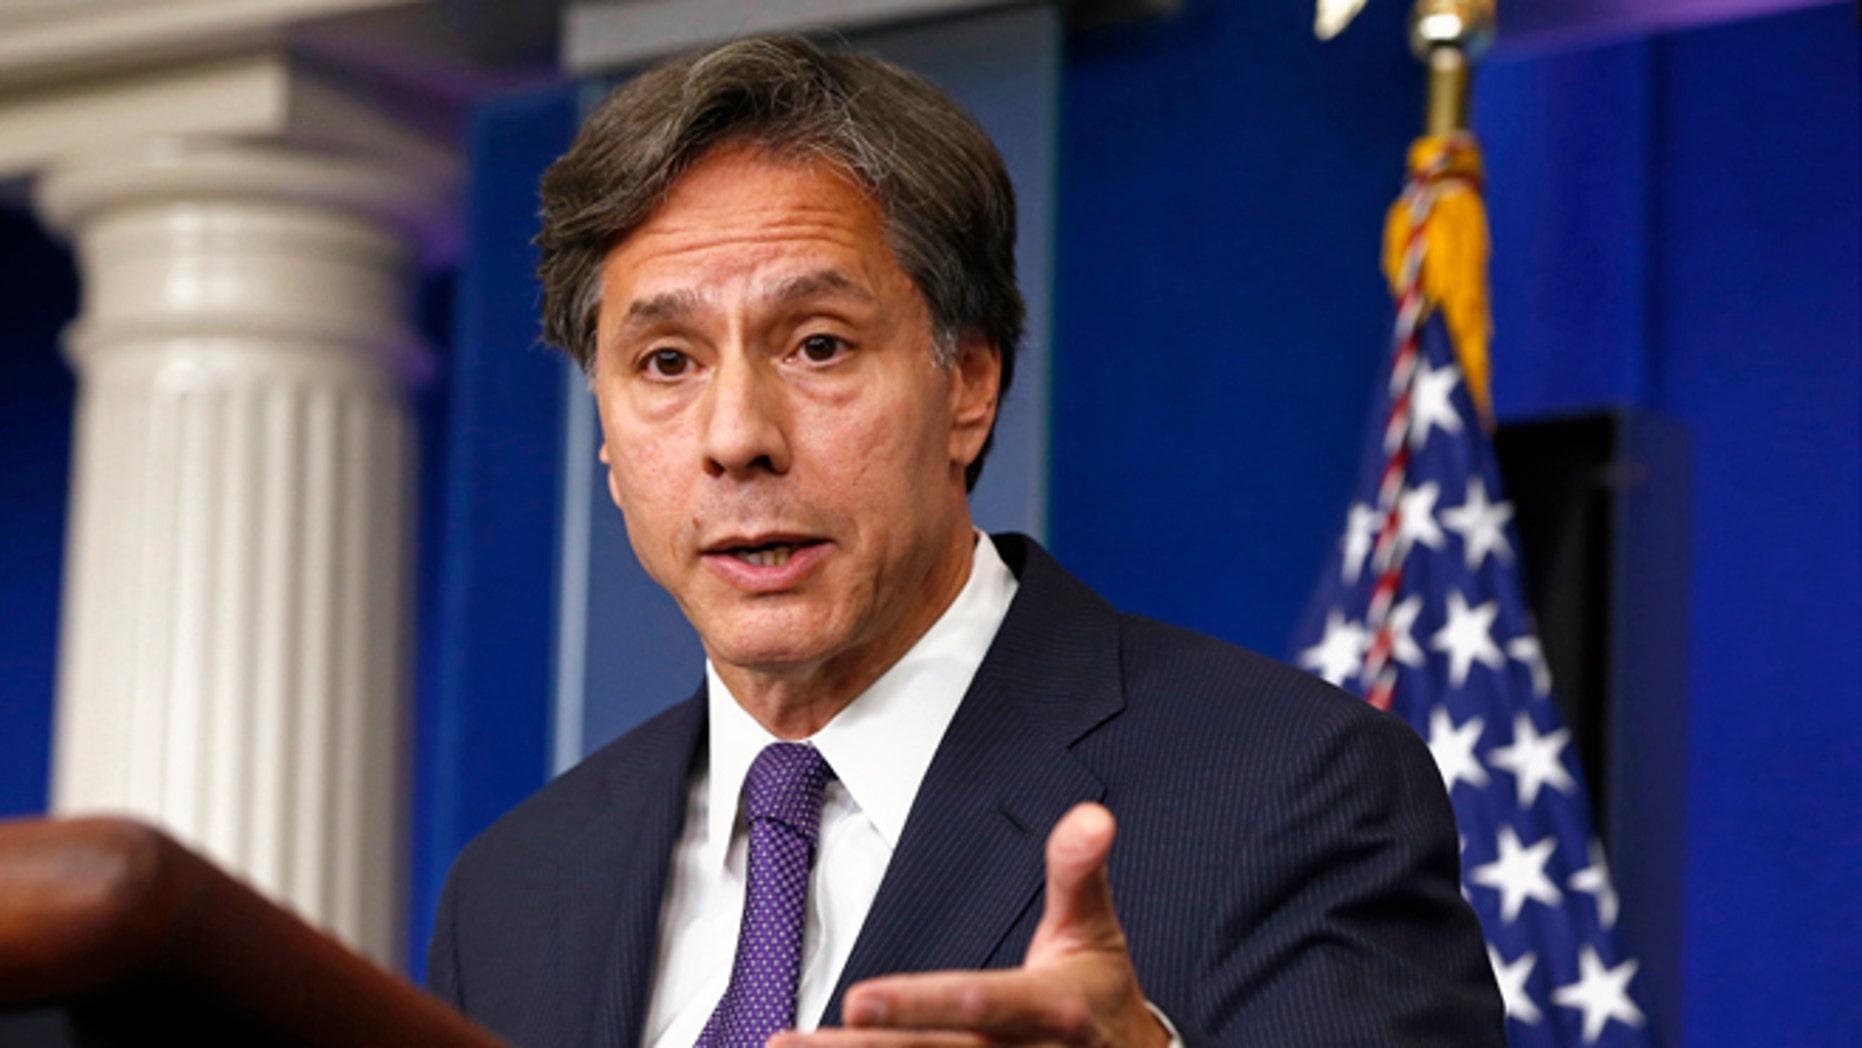 FILE: Sept. 9, 2013: U.S. Deputy National Security Adviser Tony Blinken speaks at the White House in Washington, D.C. .